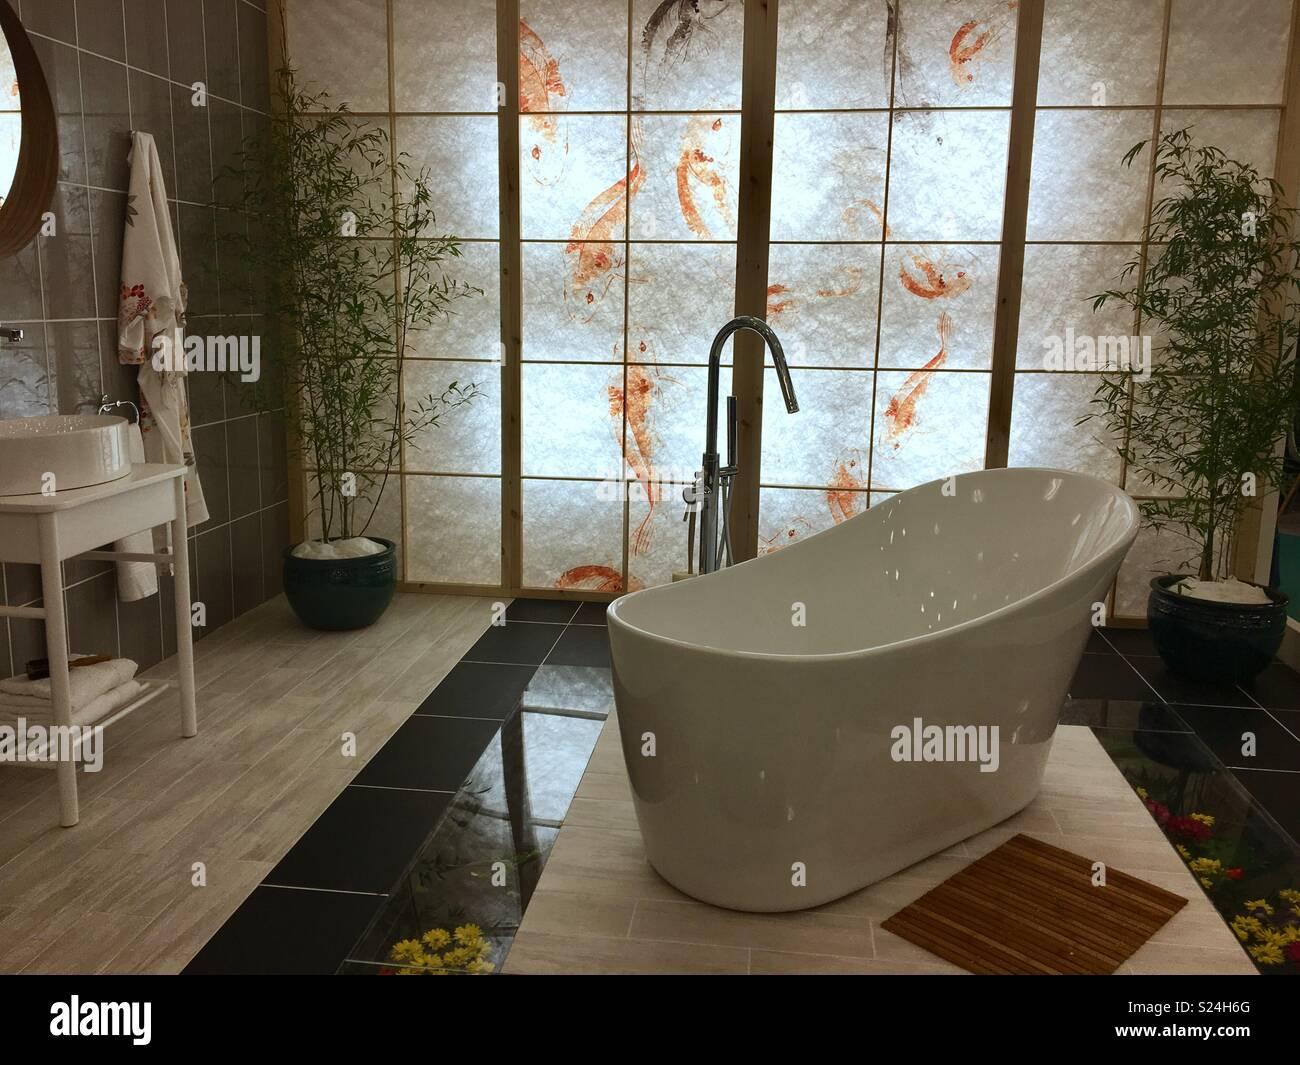 Japanisches Badezimmer Stockfotos und -bilder Kaufen - Alamy